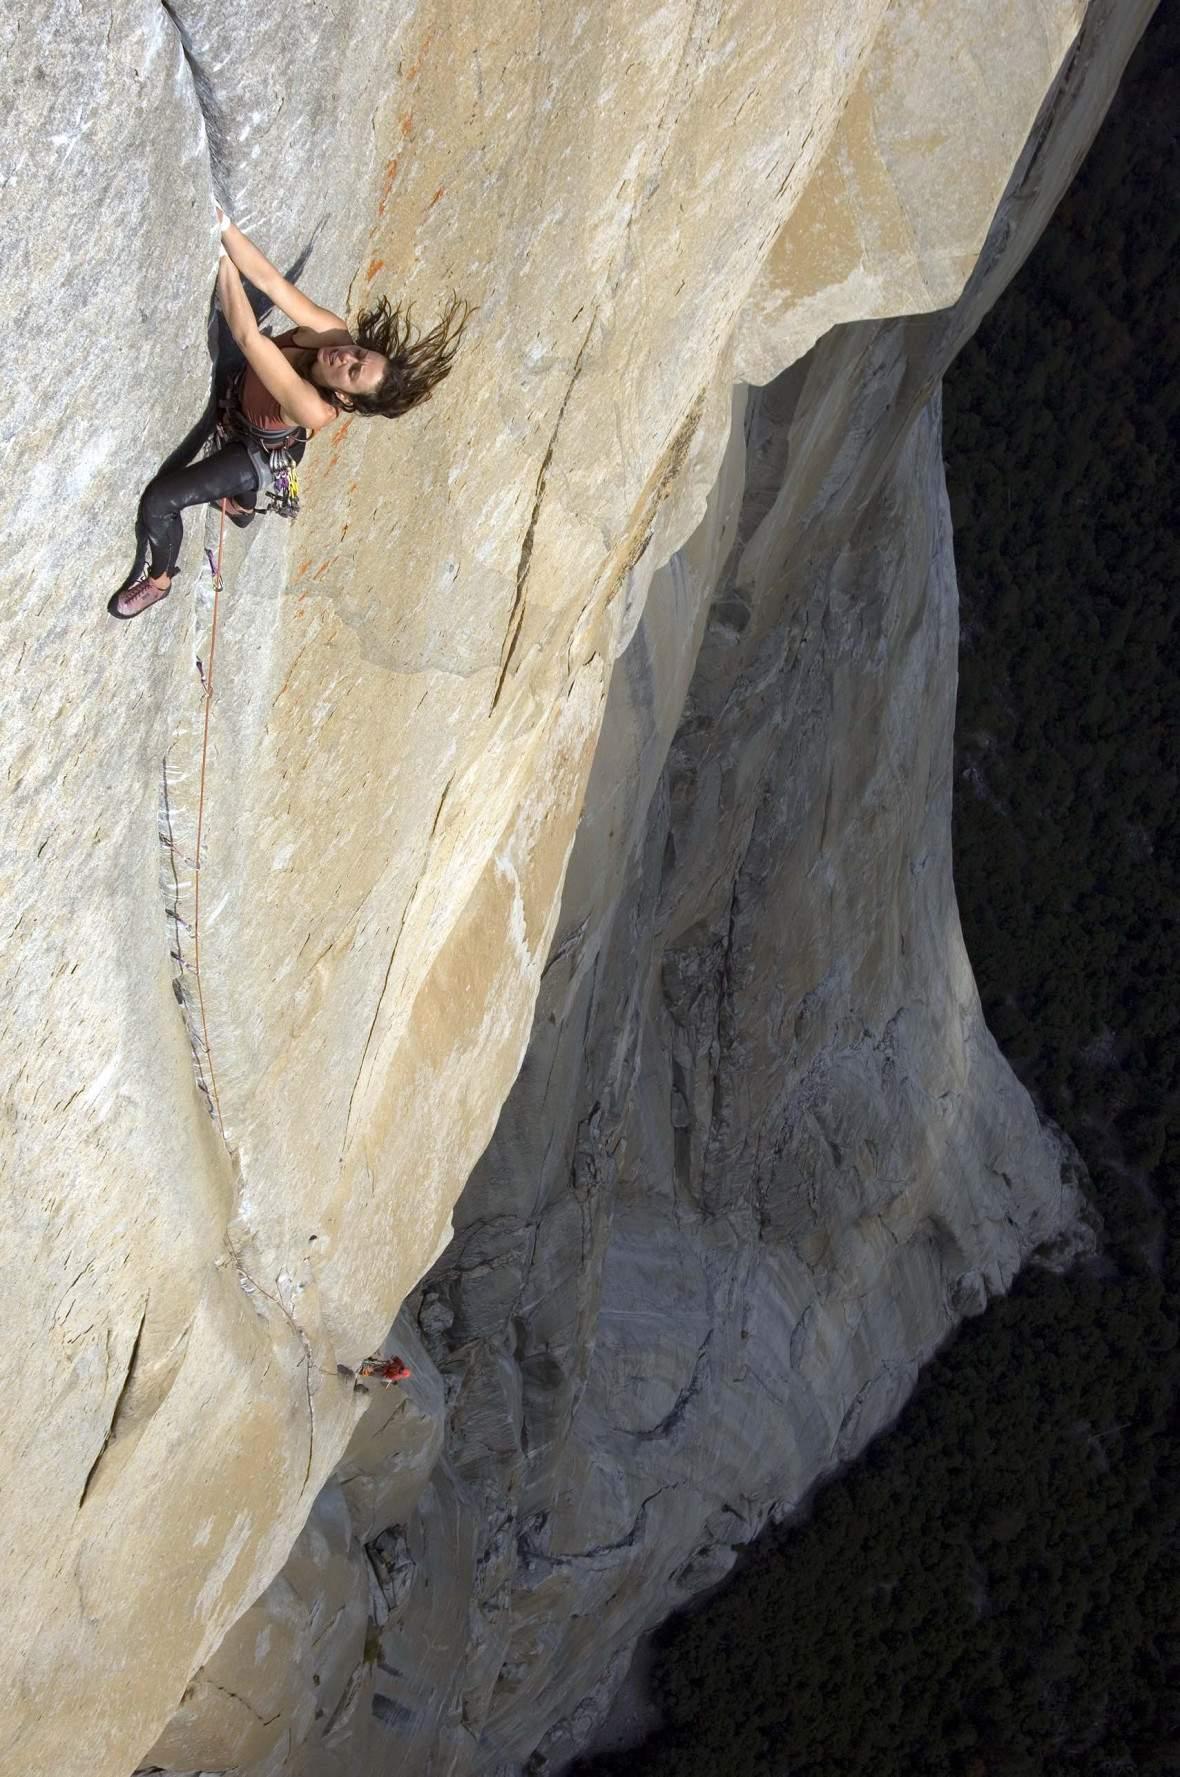 Steph Davis capocordata sulla Salathé al Capitan, Yosemite, California